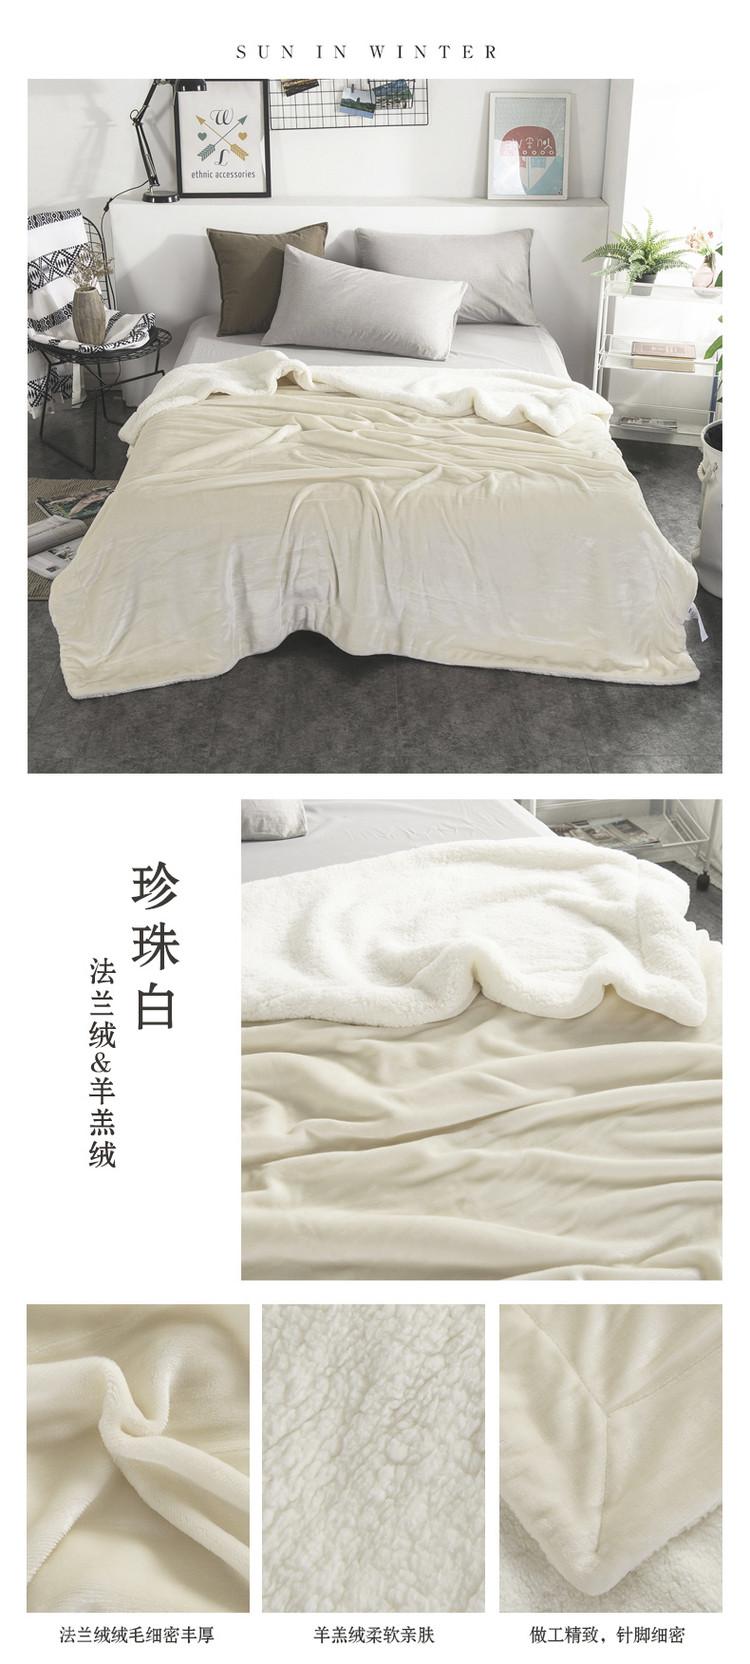 珍珠白1托4.jpg